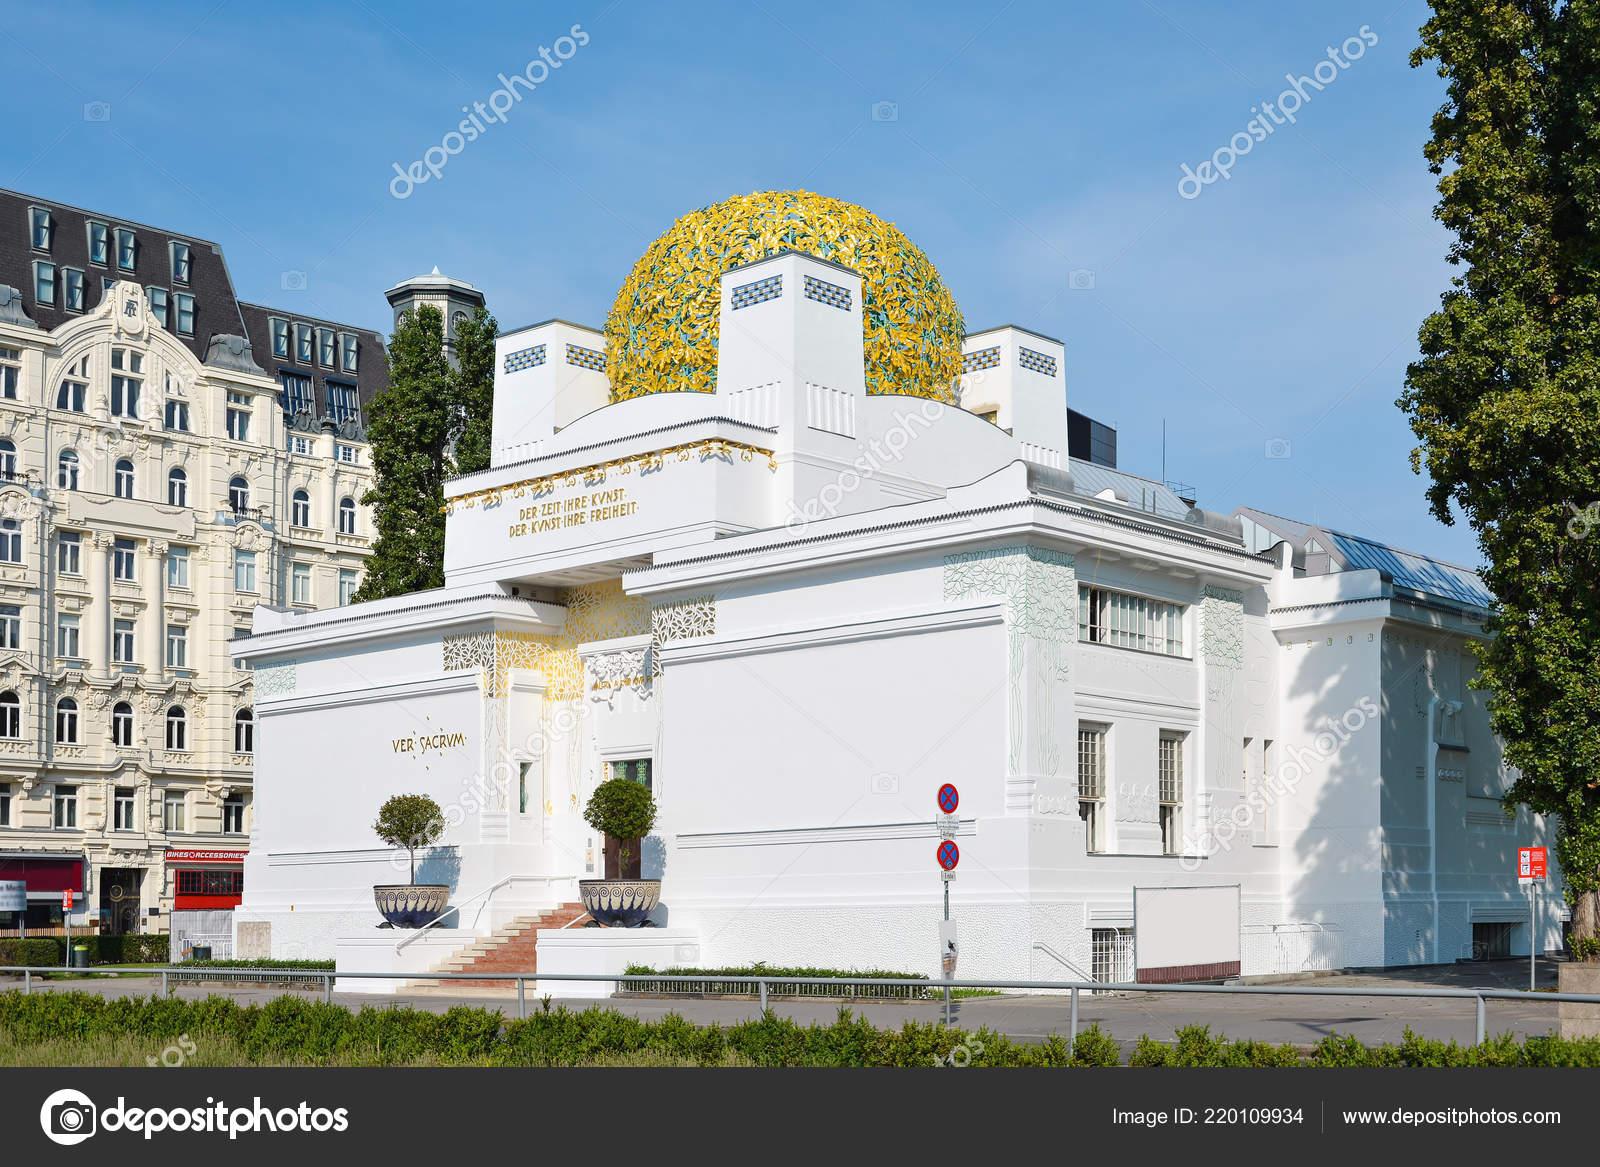 Buitenkant van gouden koepel van wenen afscheiding gebouw augustus